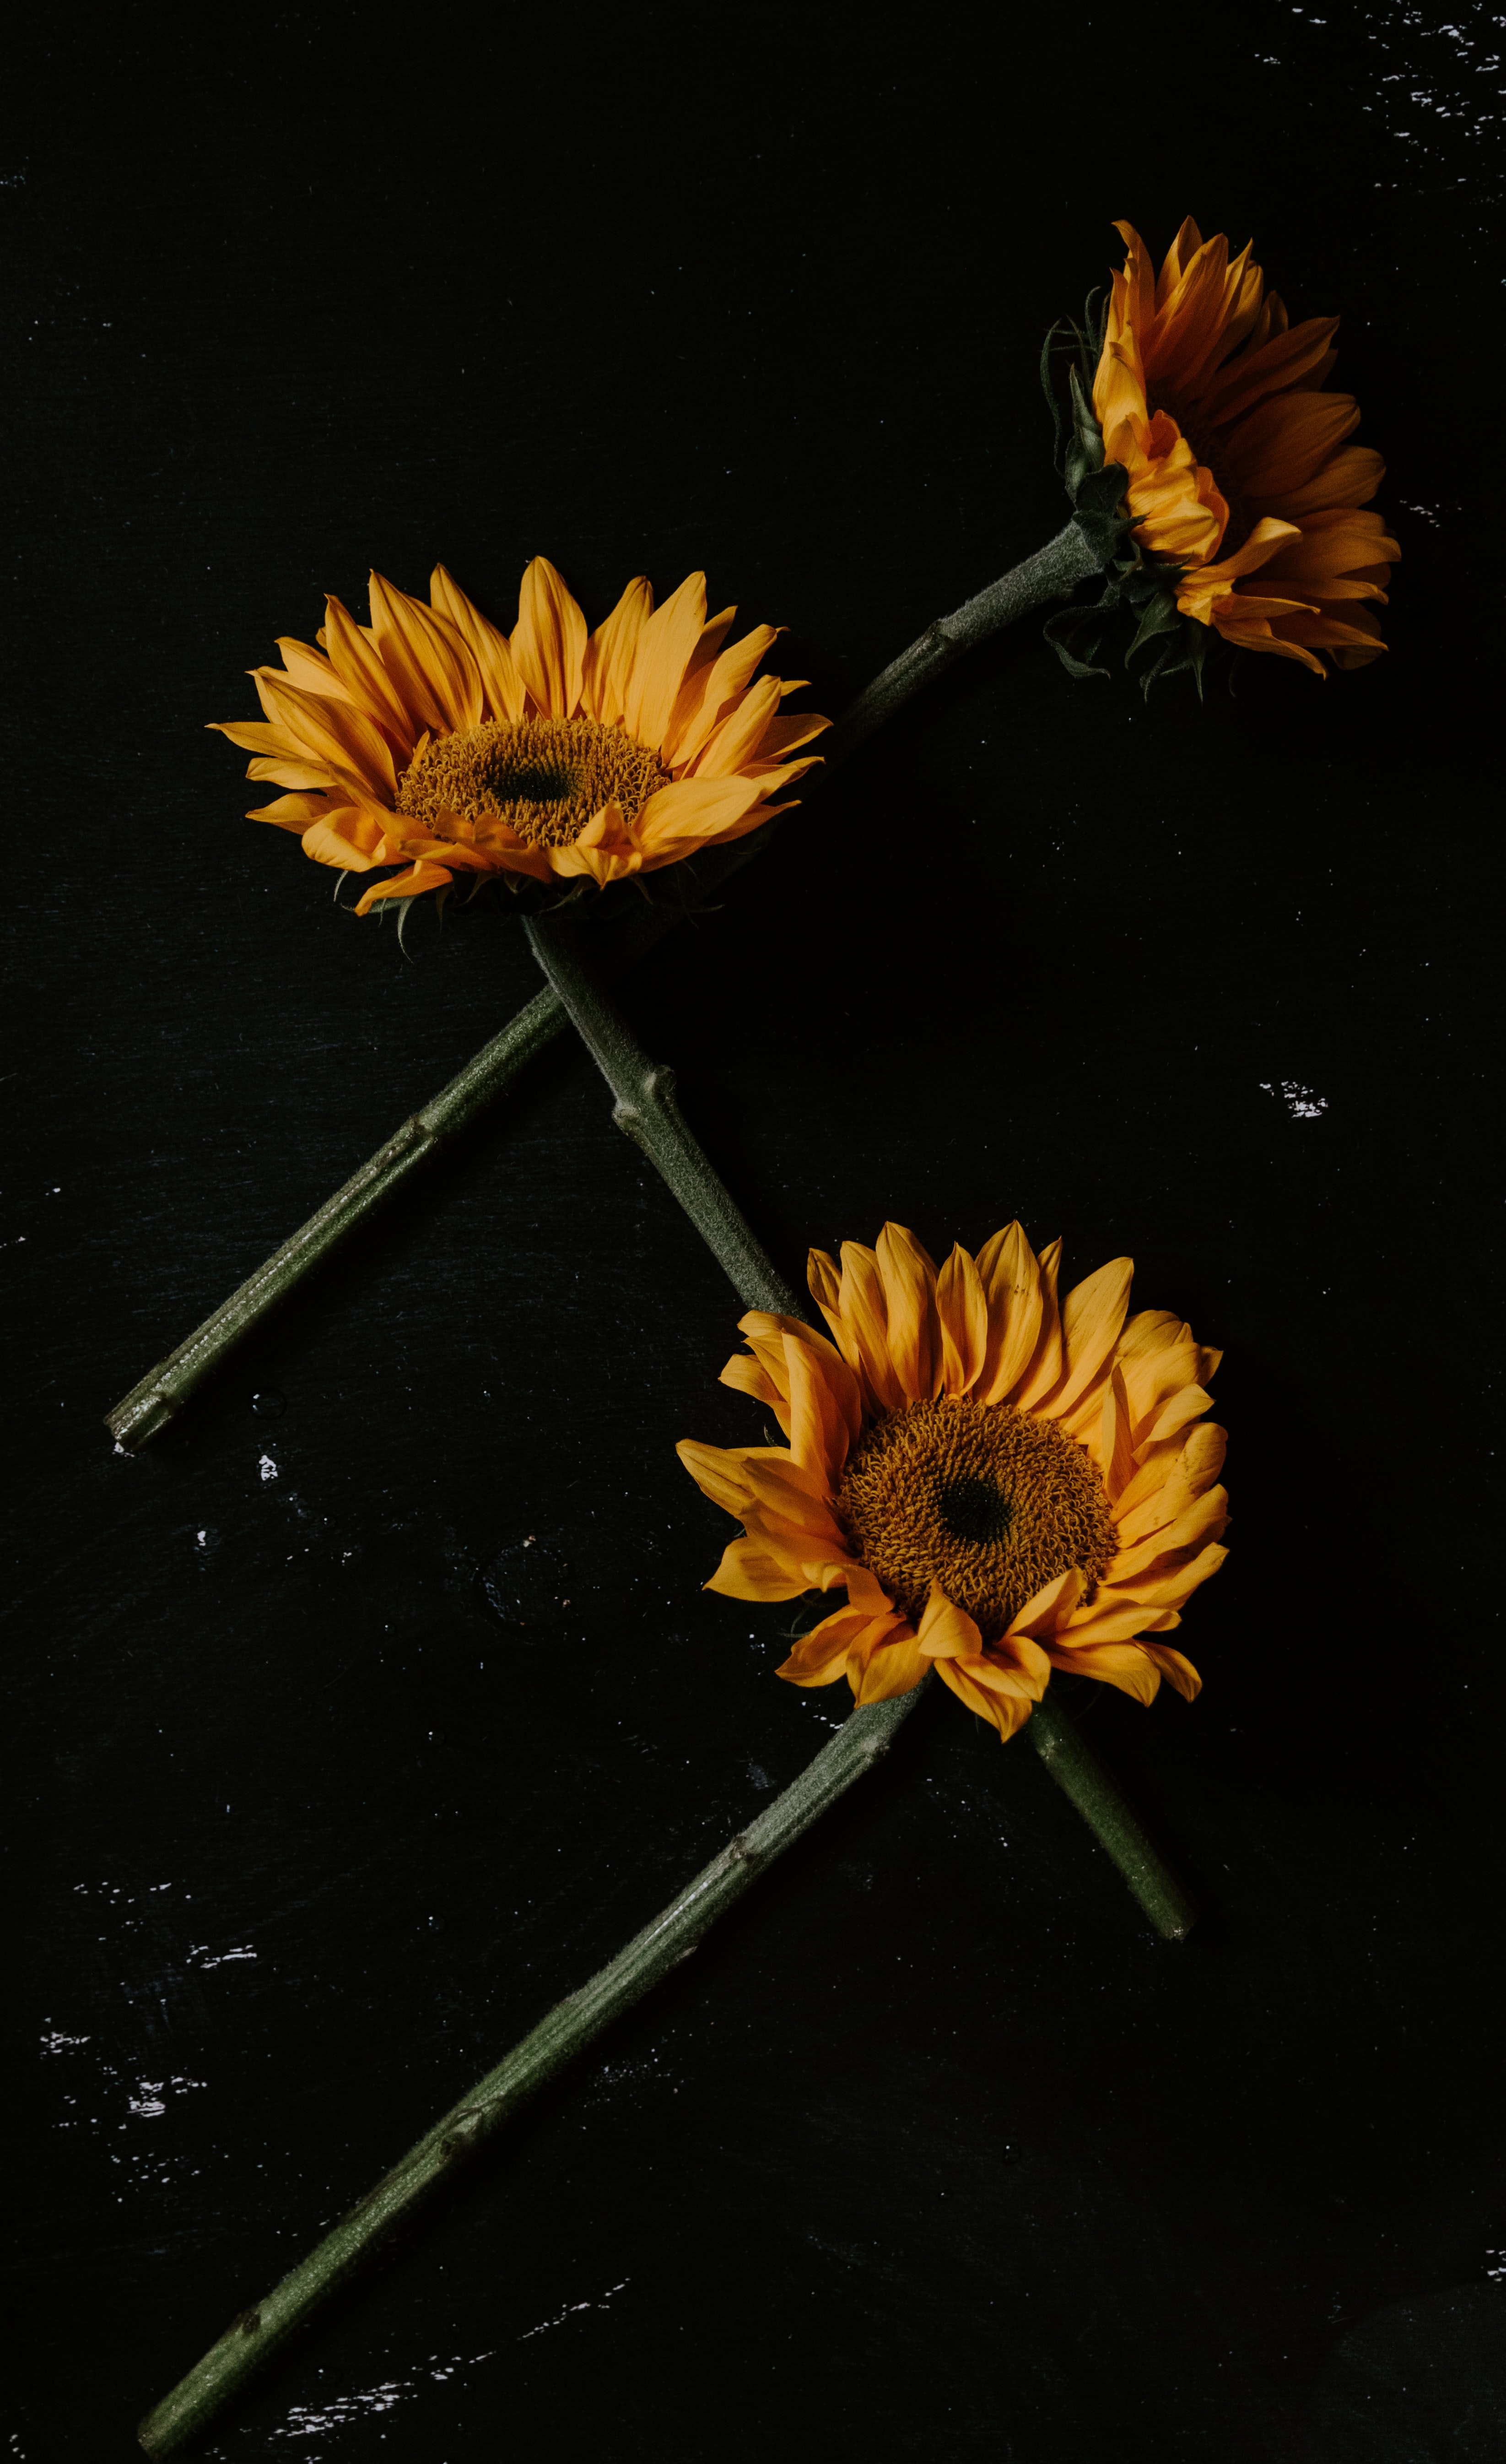 78550 скачать обои Цветы, Лепестки, Черный, Подсолнухи - заставки и картинки бесплатно